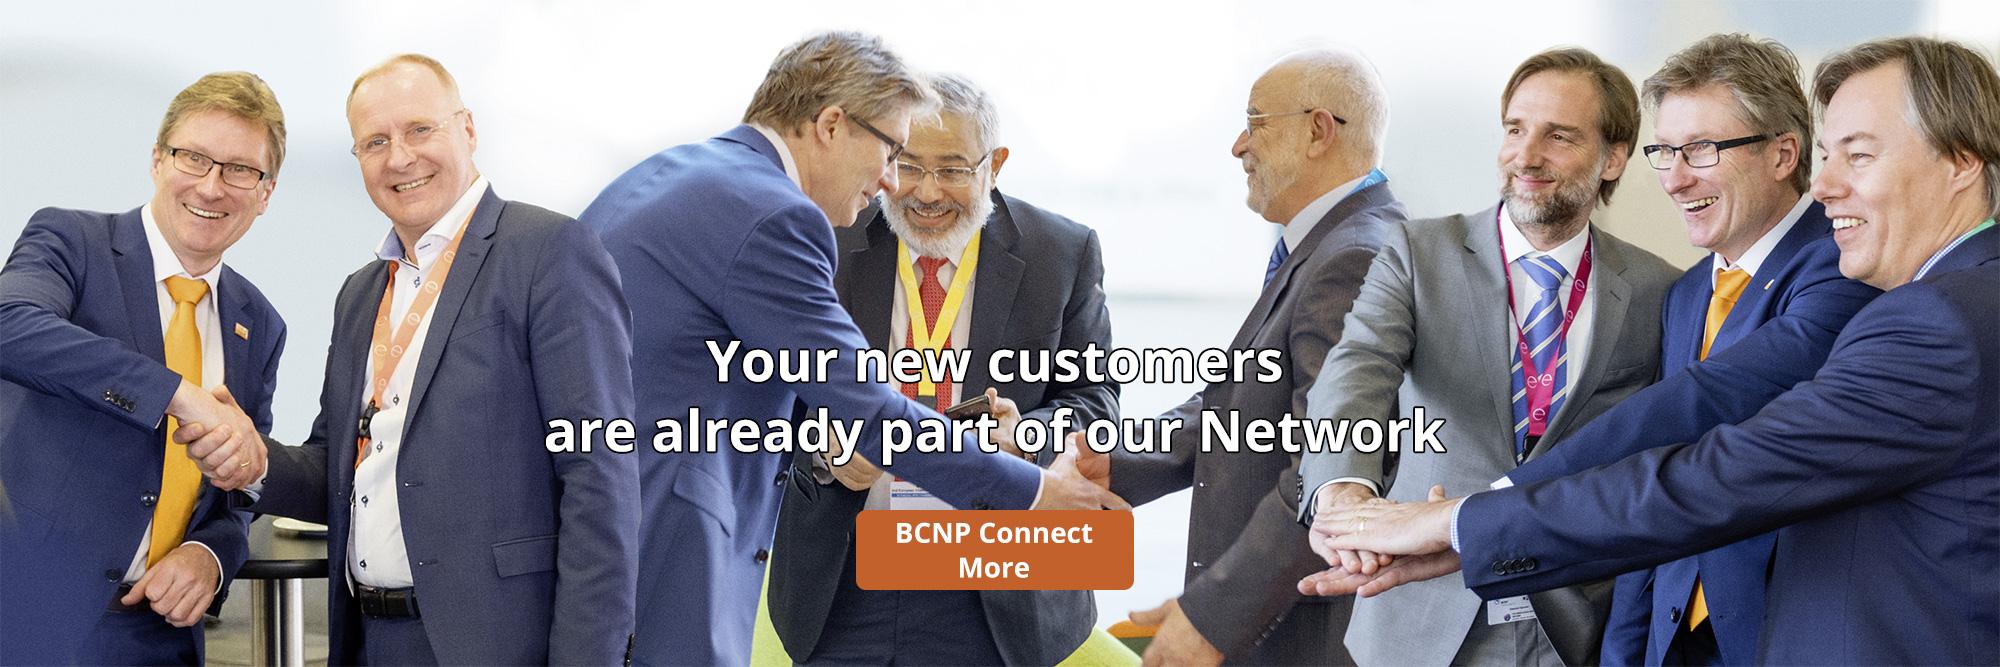 BCNP Connect